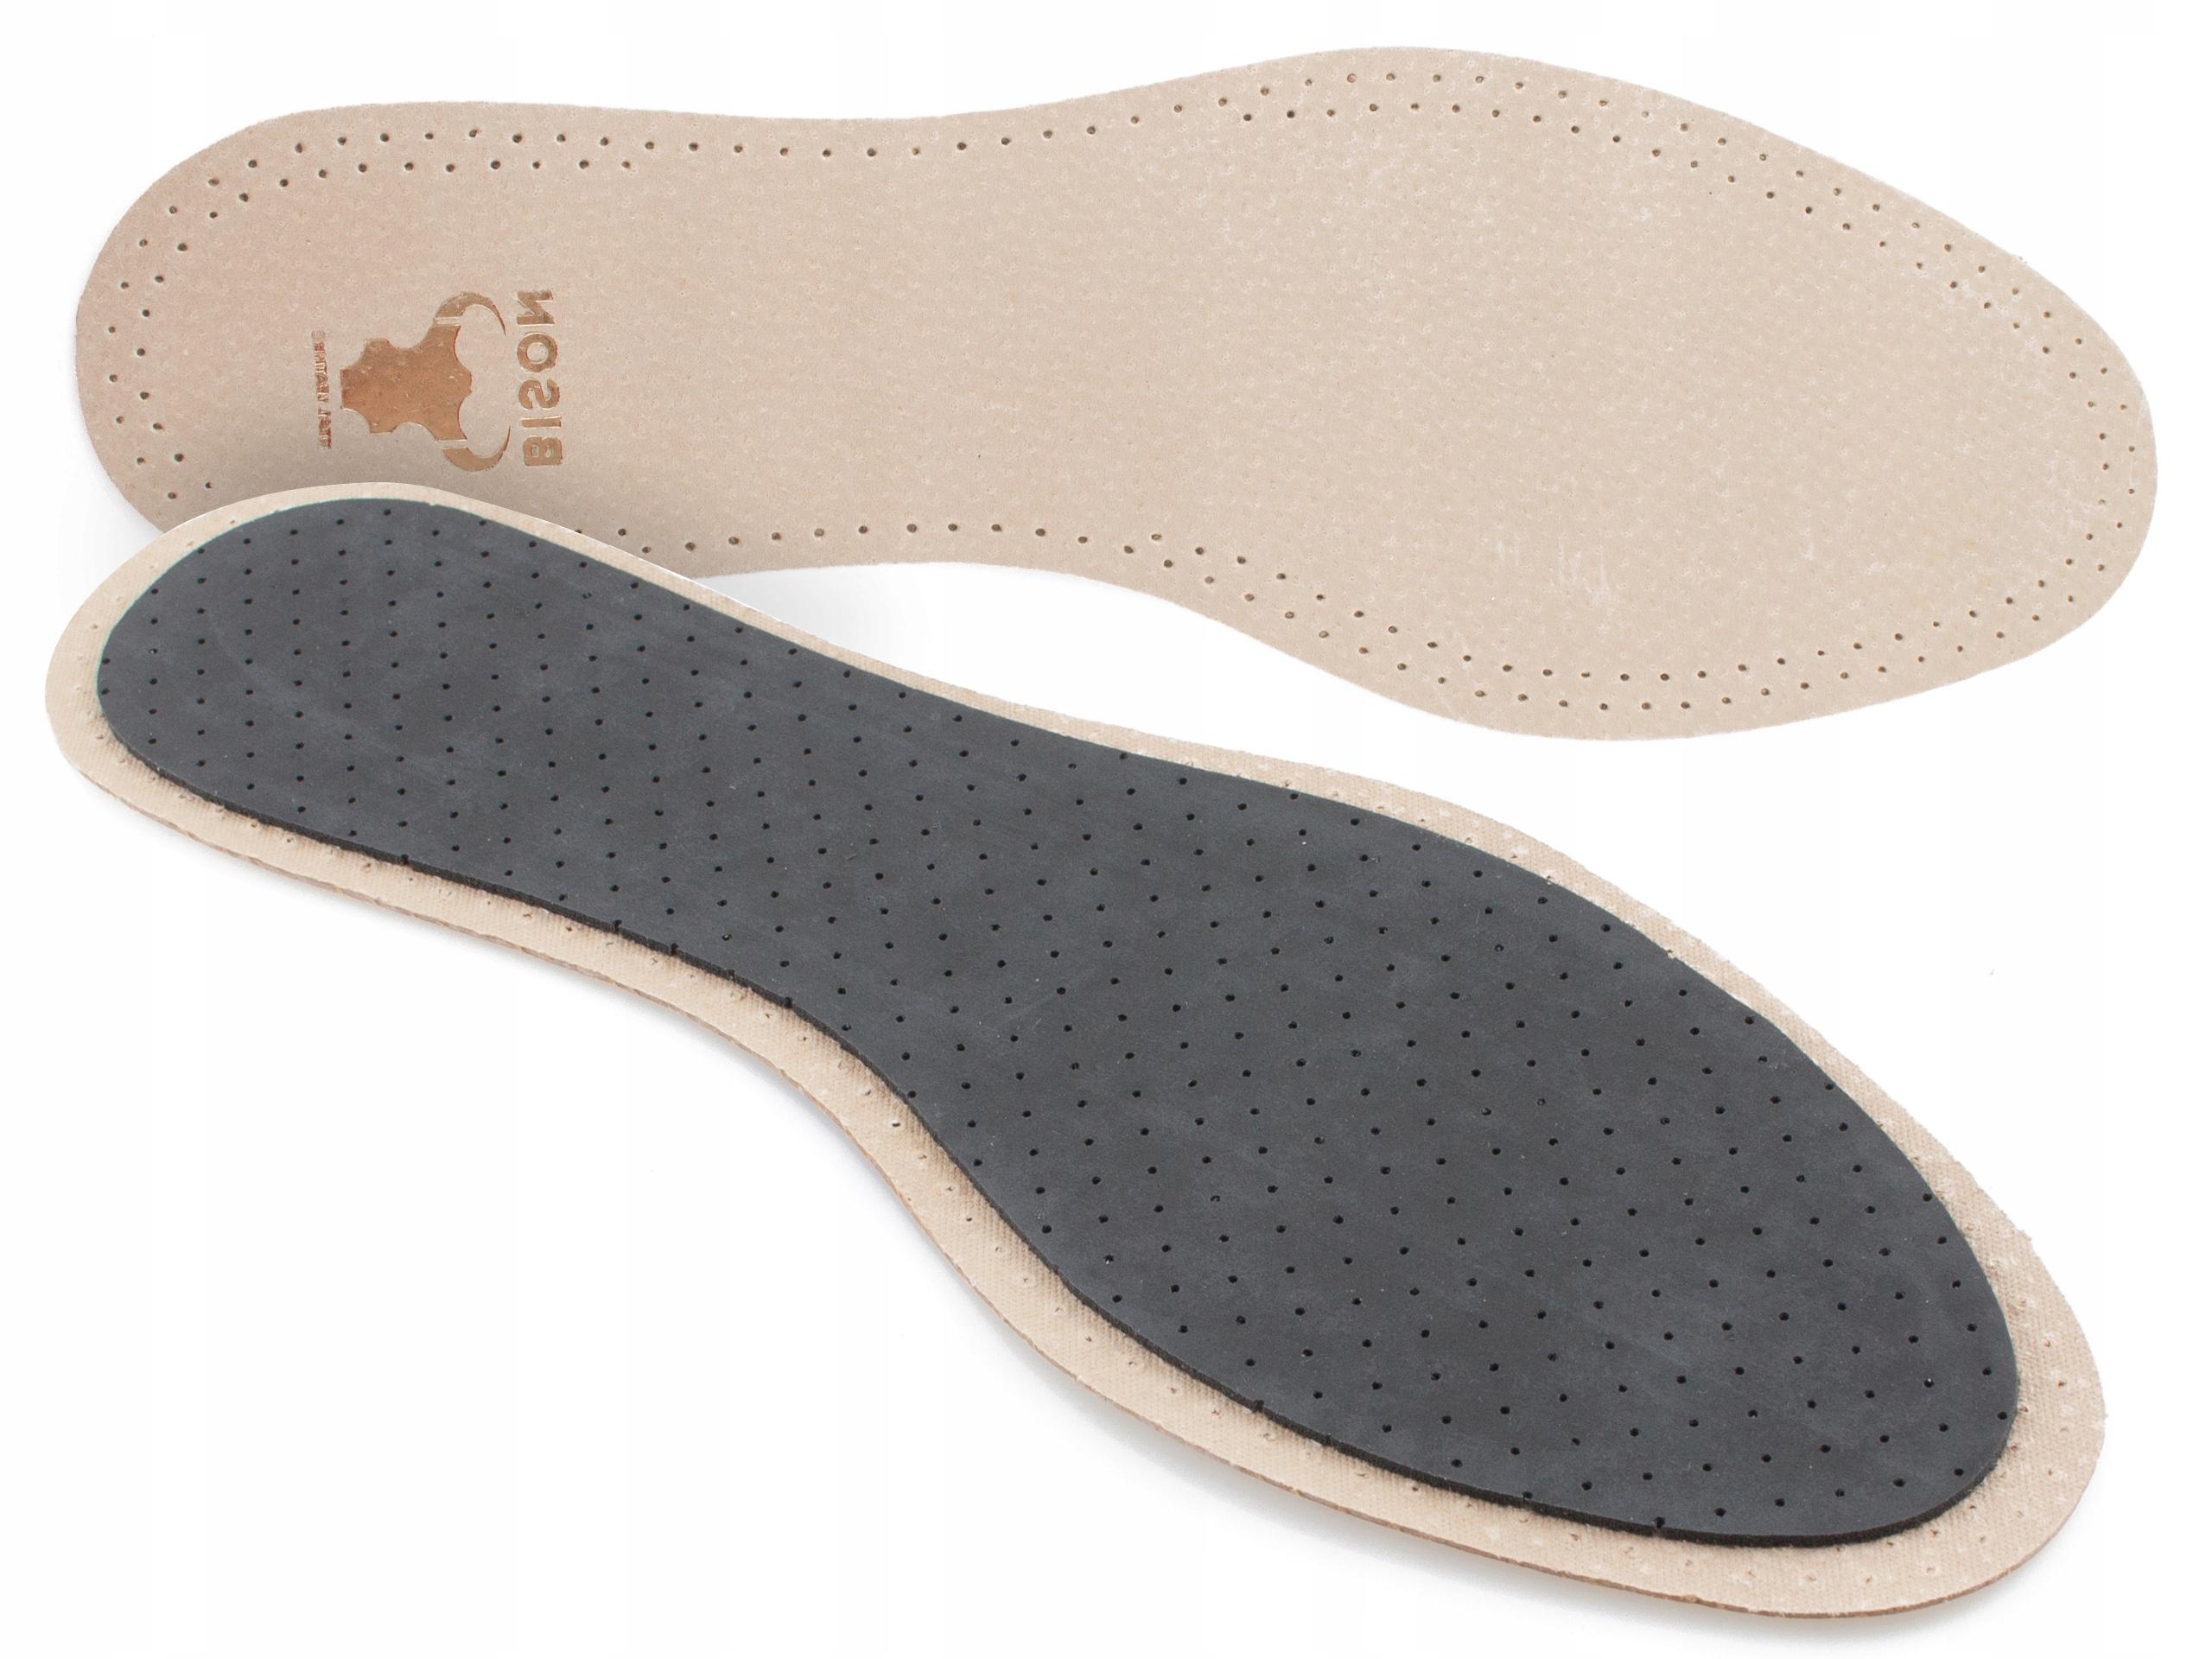 SKÓRZANE wkładki do butów PRZECIWPOTNE SKÓRA